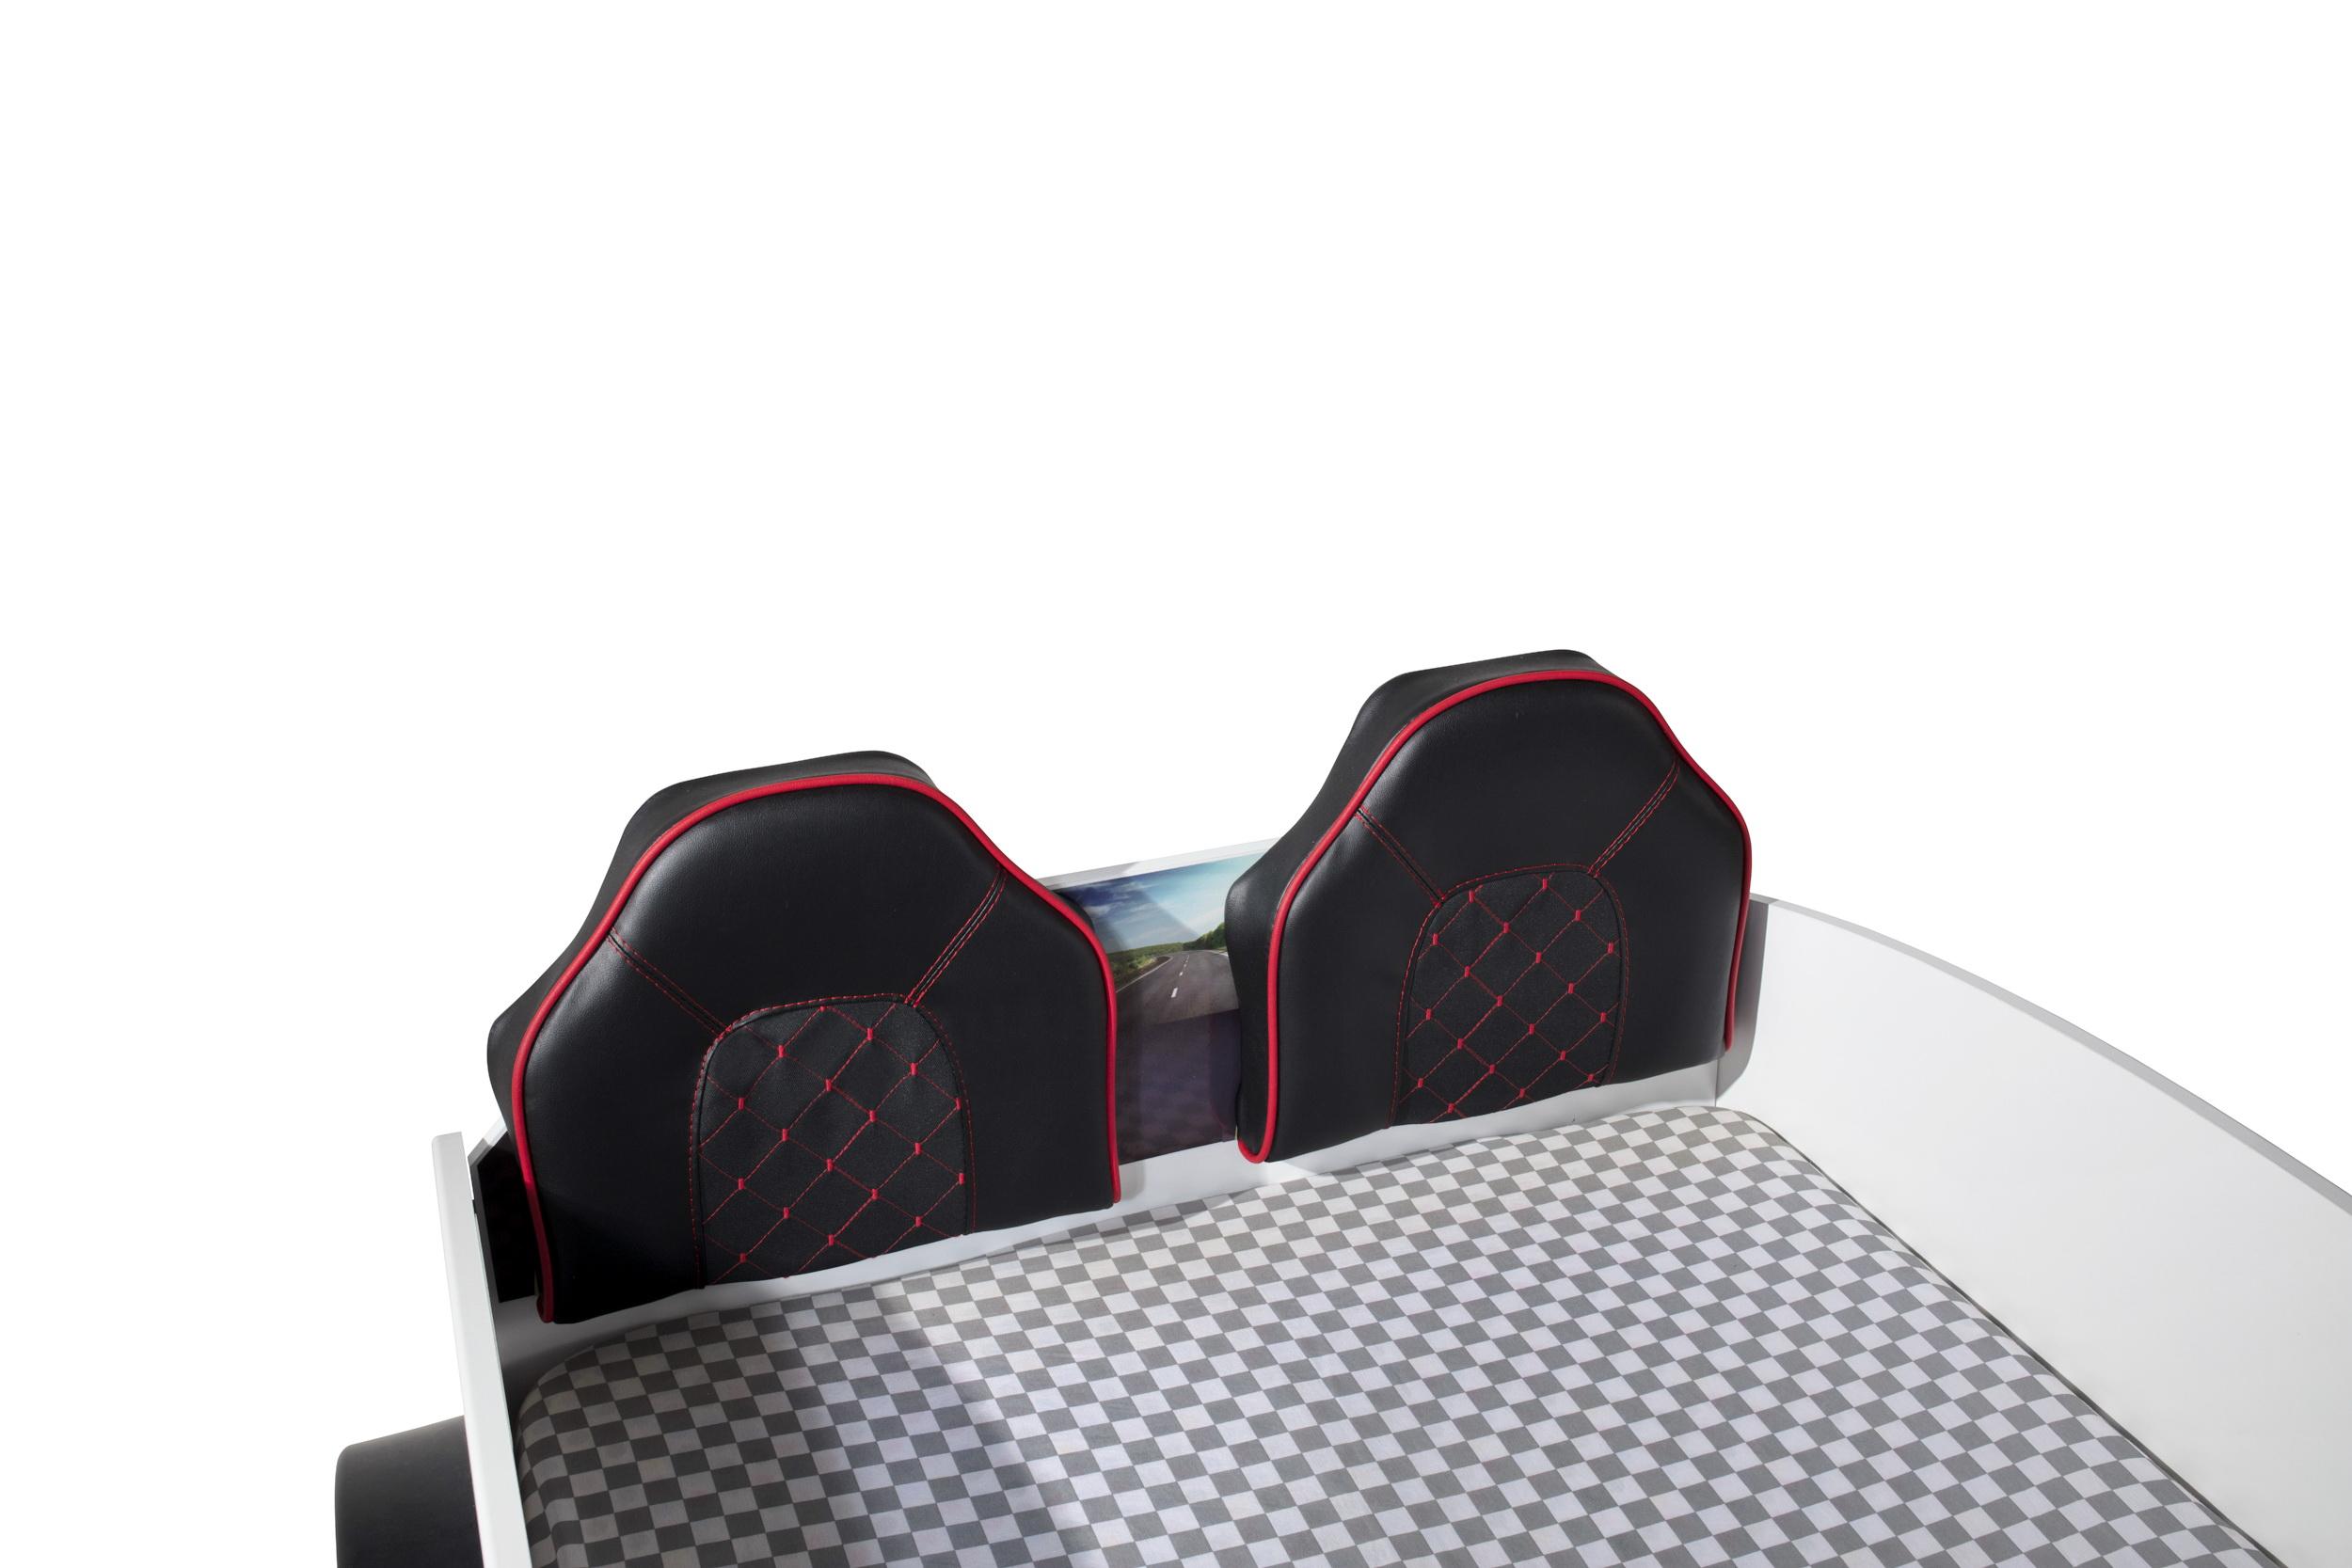 Autobett Sport Polstersitze in Schwarz mit roter Naht